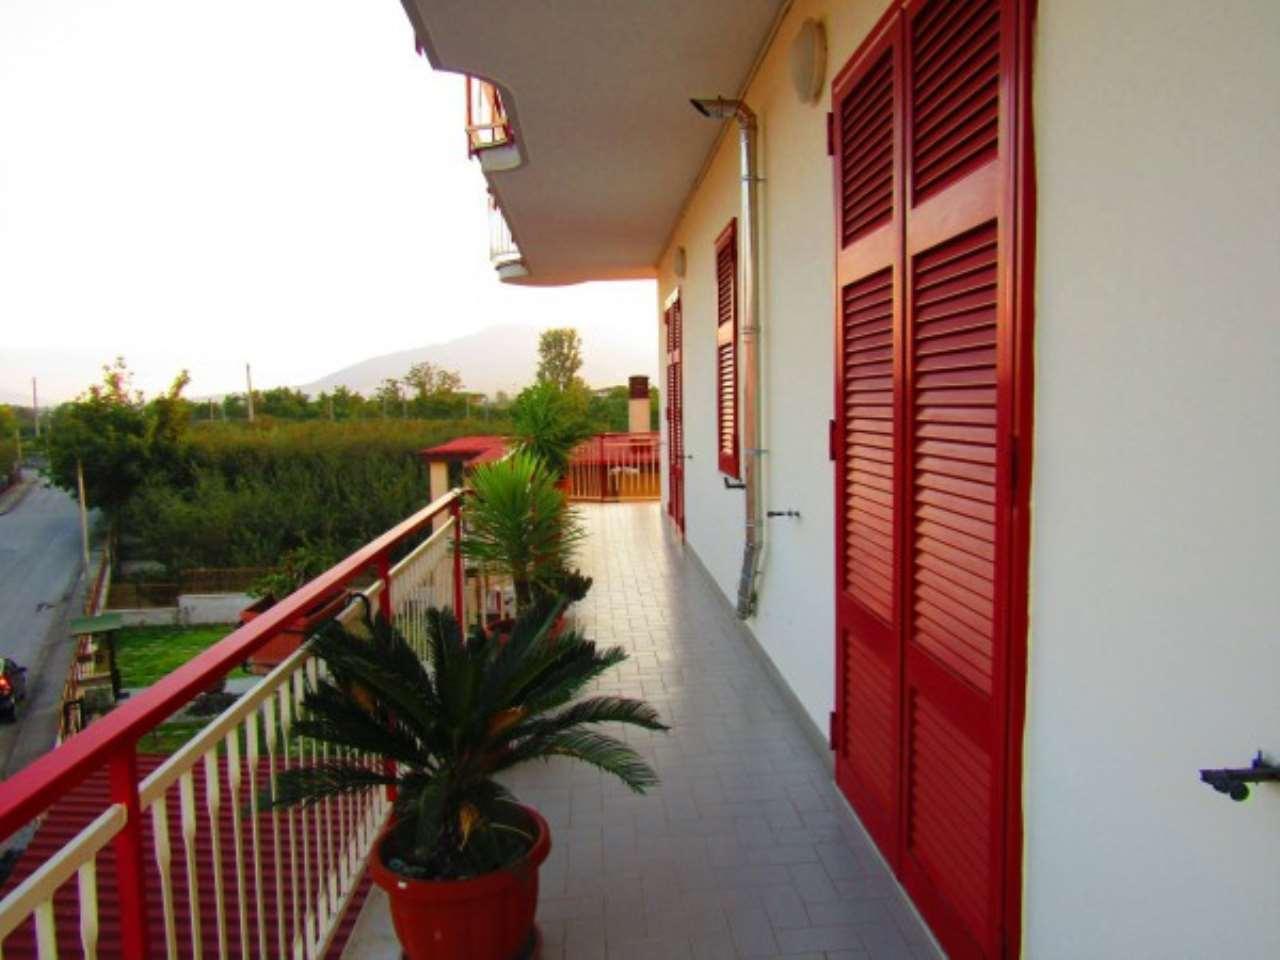 Attico / Mansarda in vendita a Nola, 3 locali, Trattative riservate   Cambio Casa.it